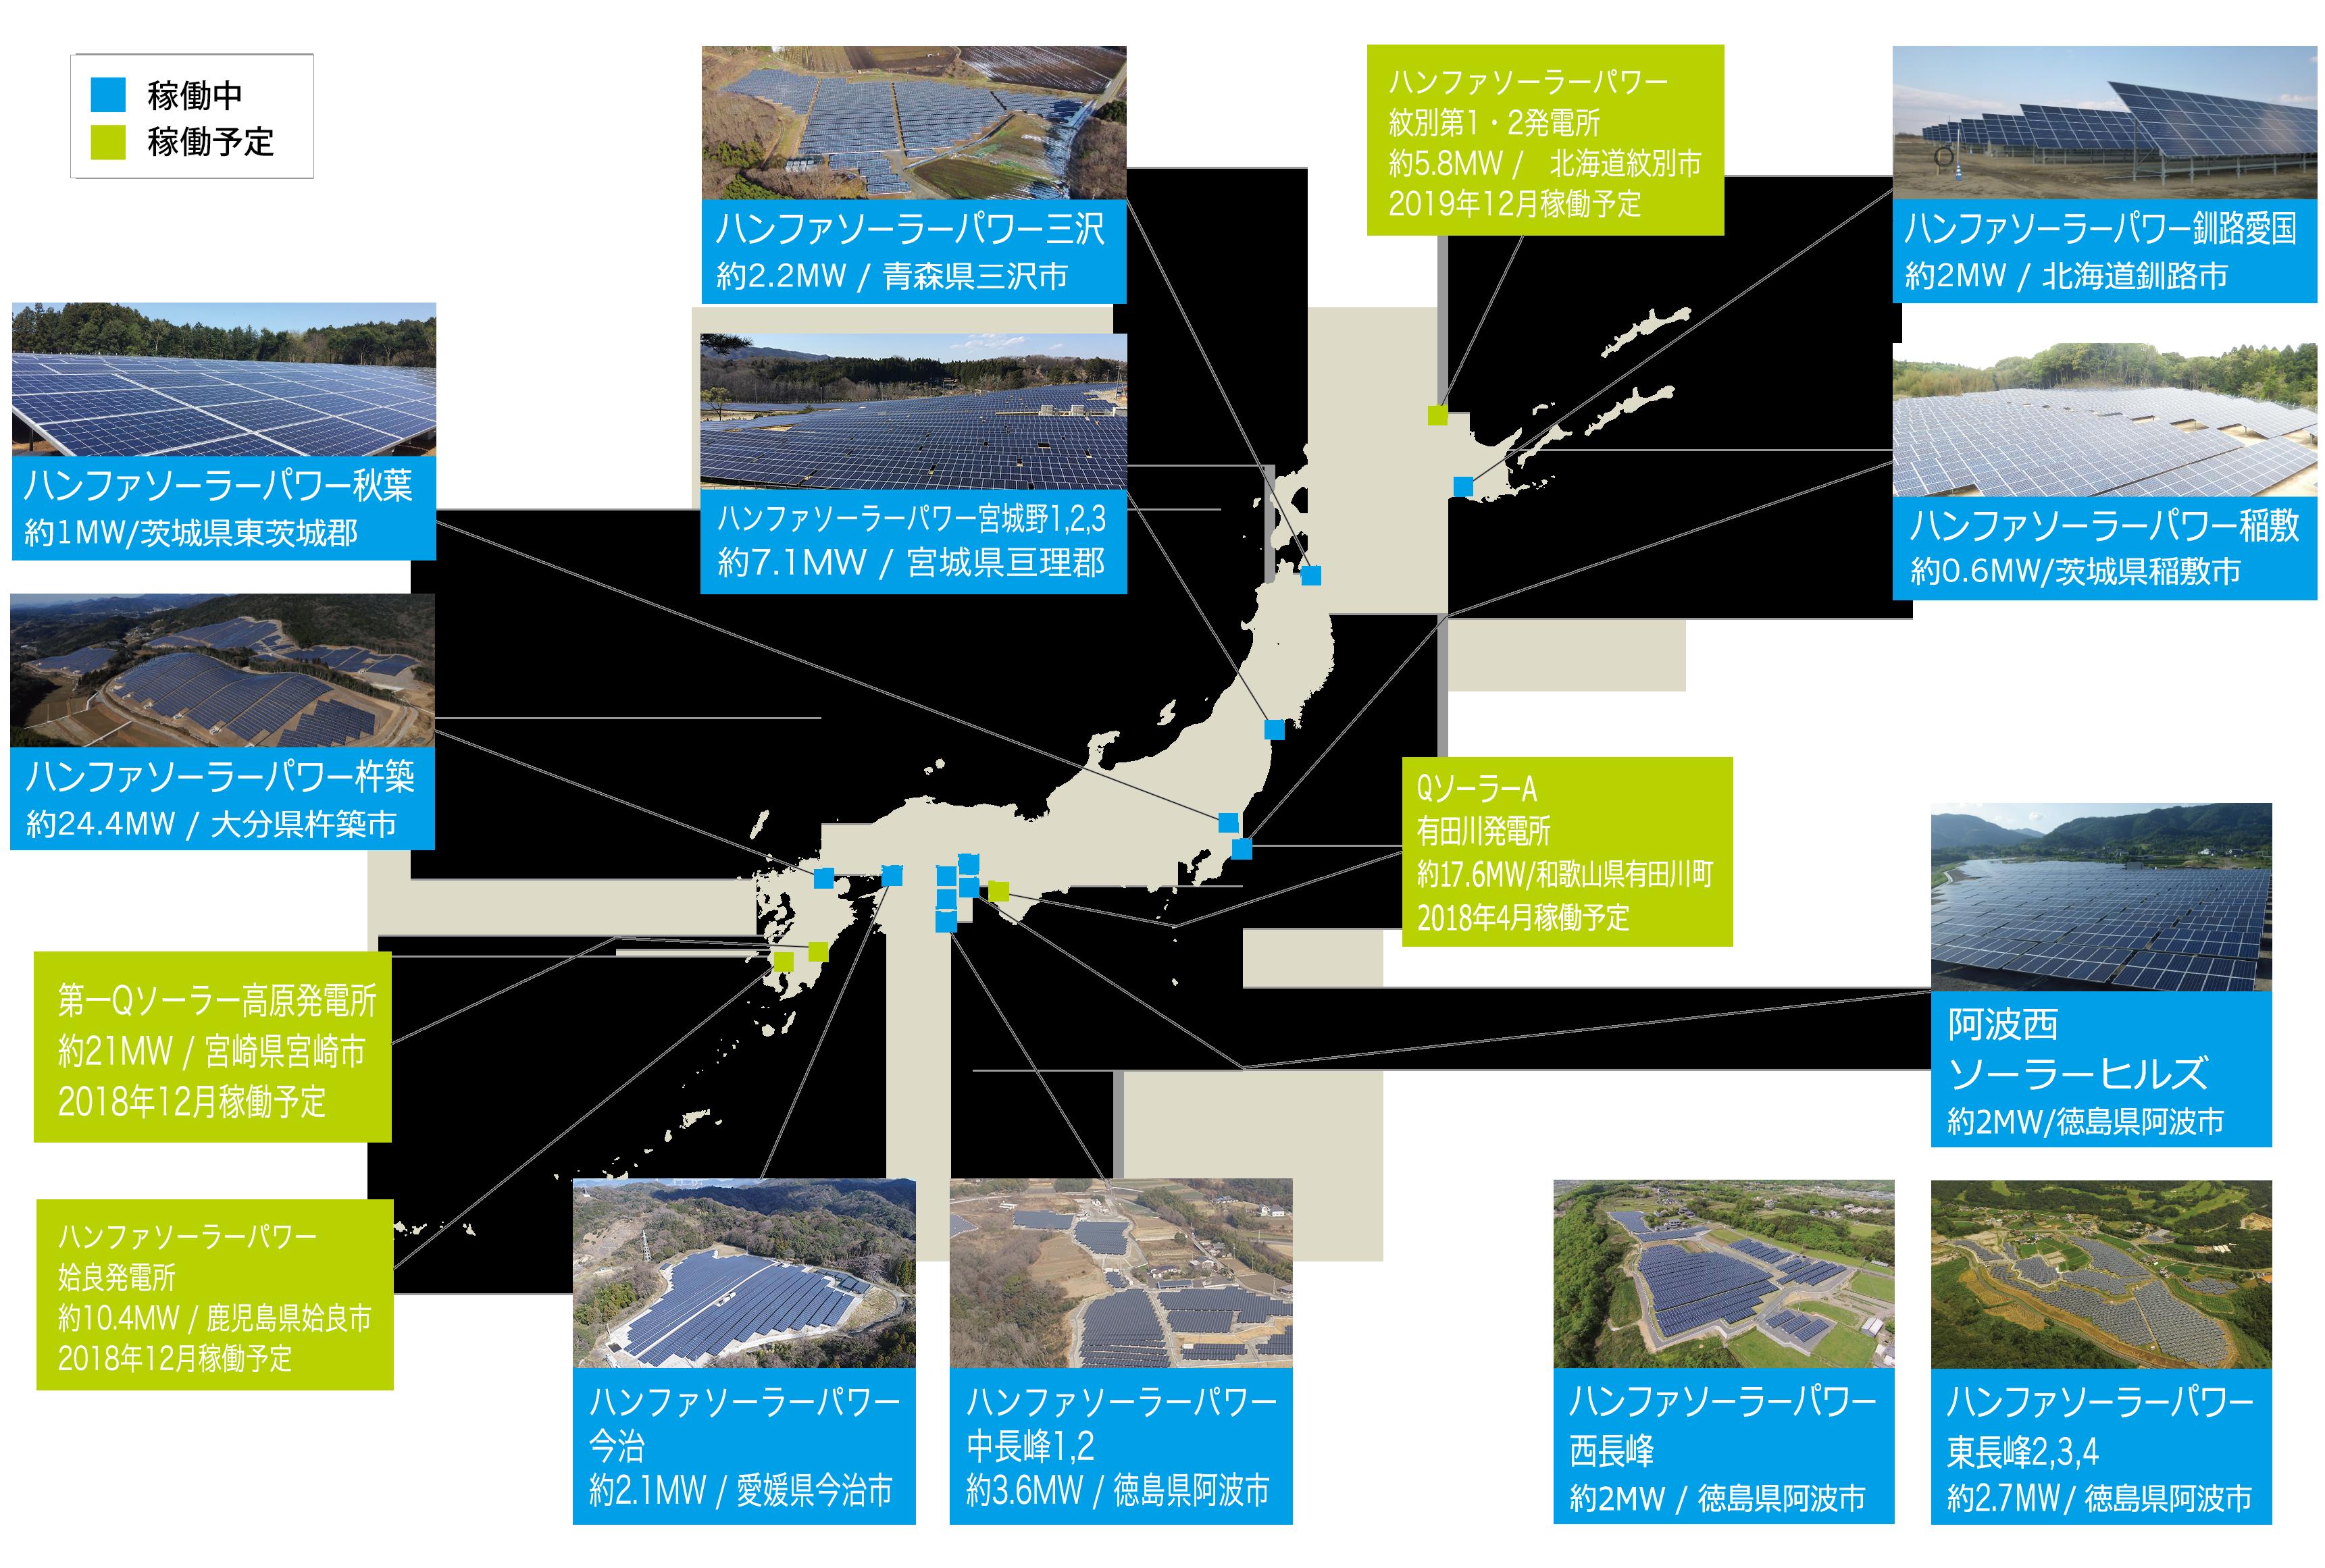 ハンファQセルズジャパンの太陽光発電所